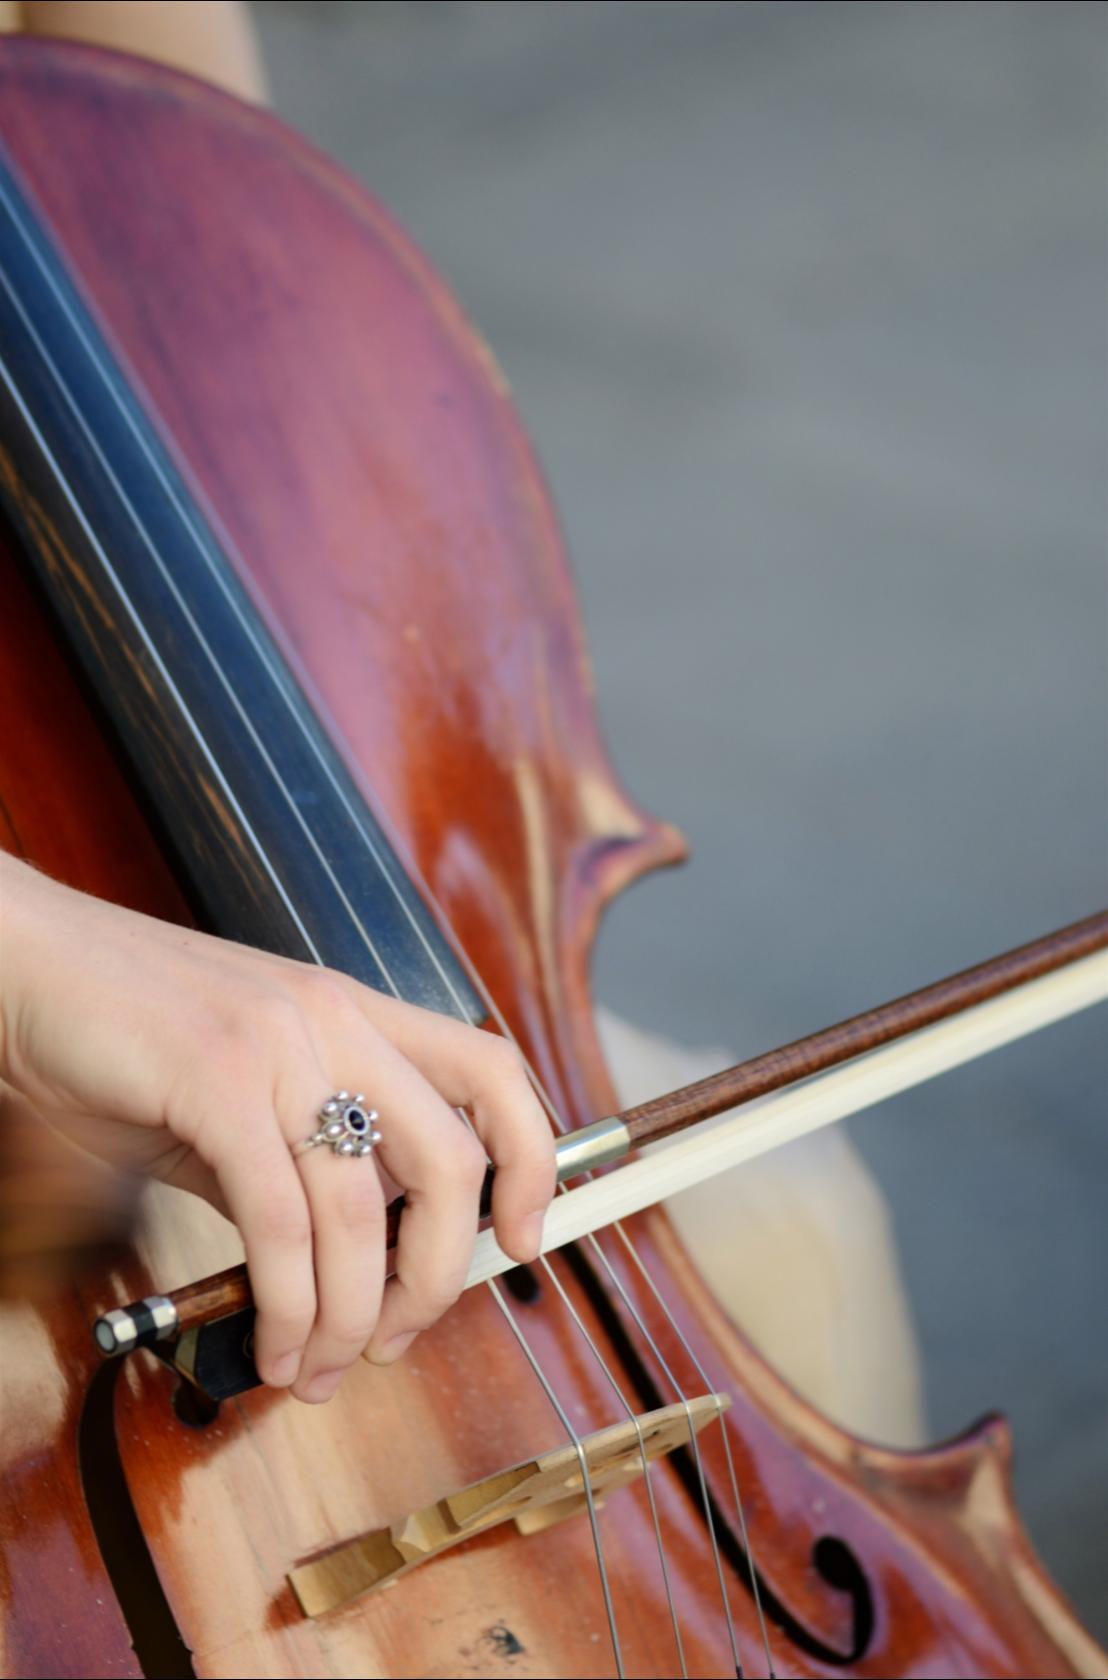 Conservatoire de Brest métropole, concert des orchestres à cordes Brest